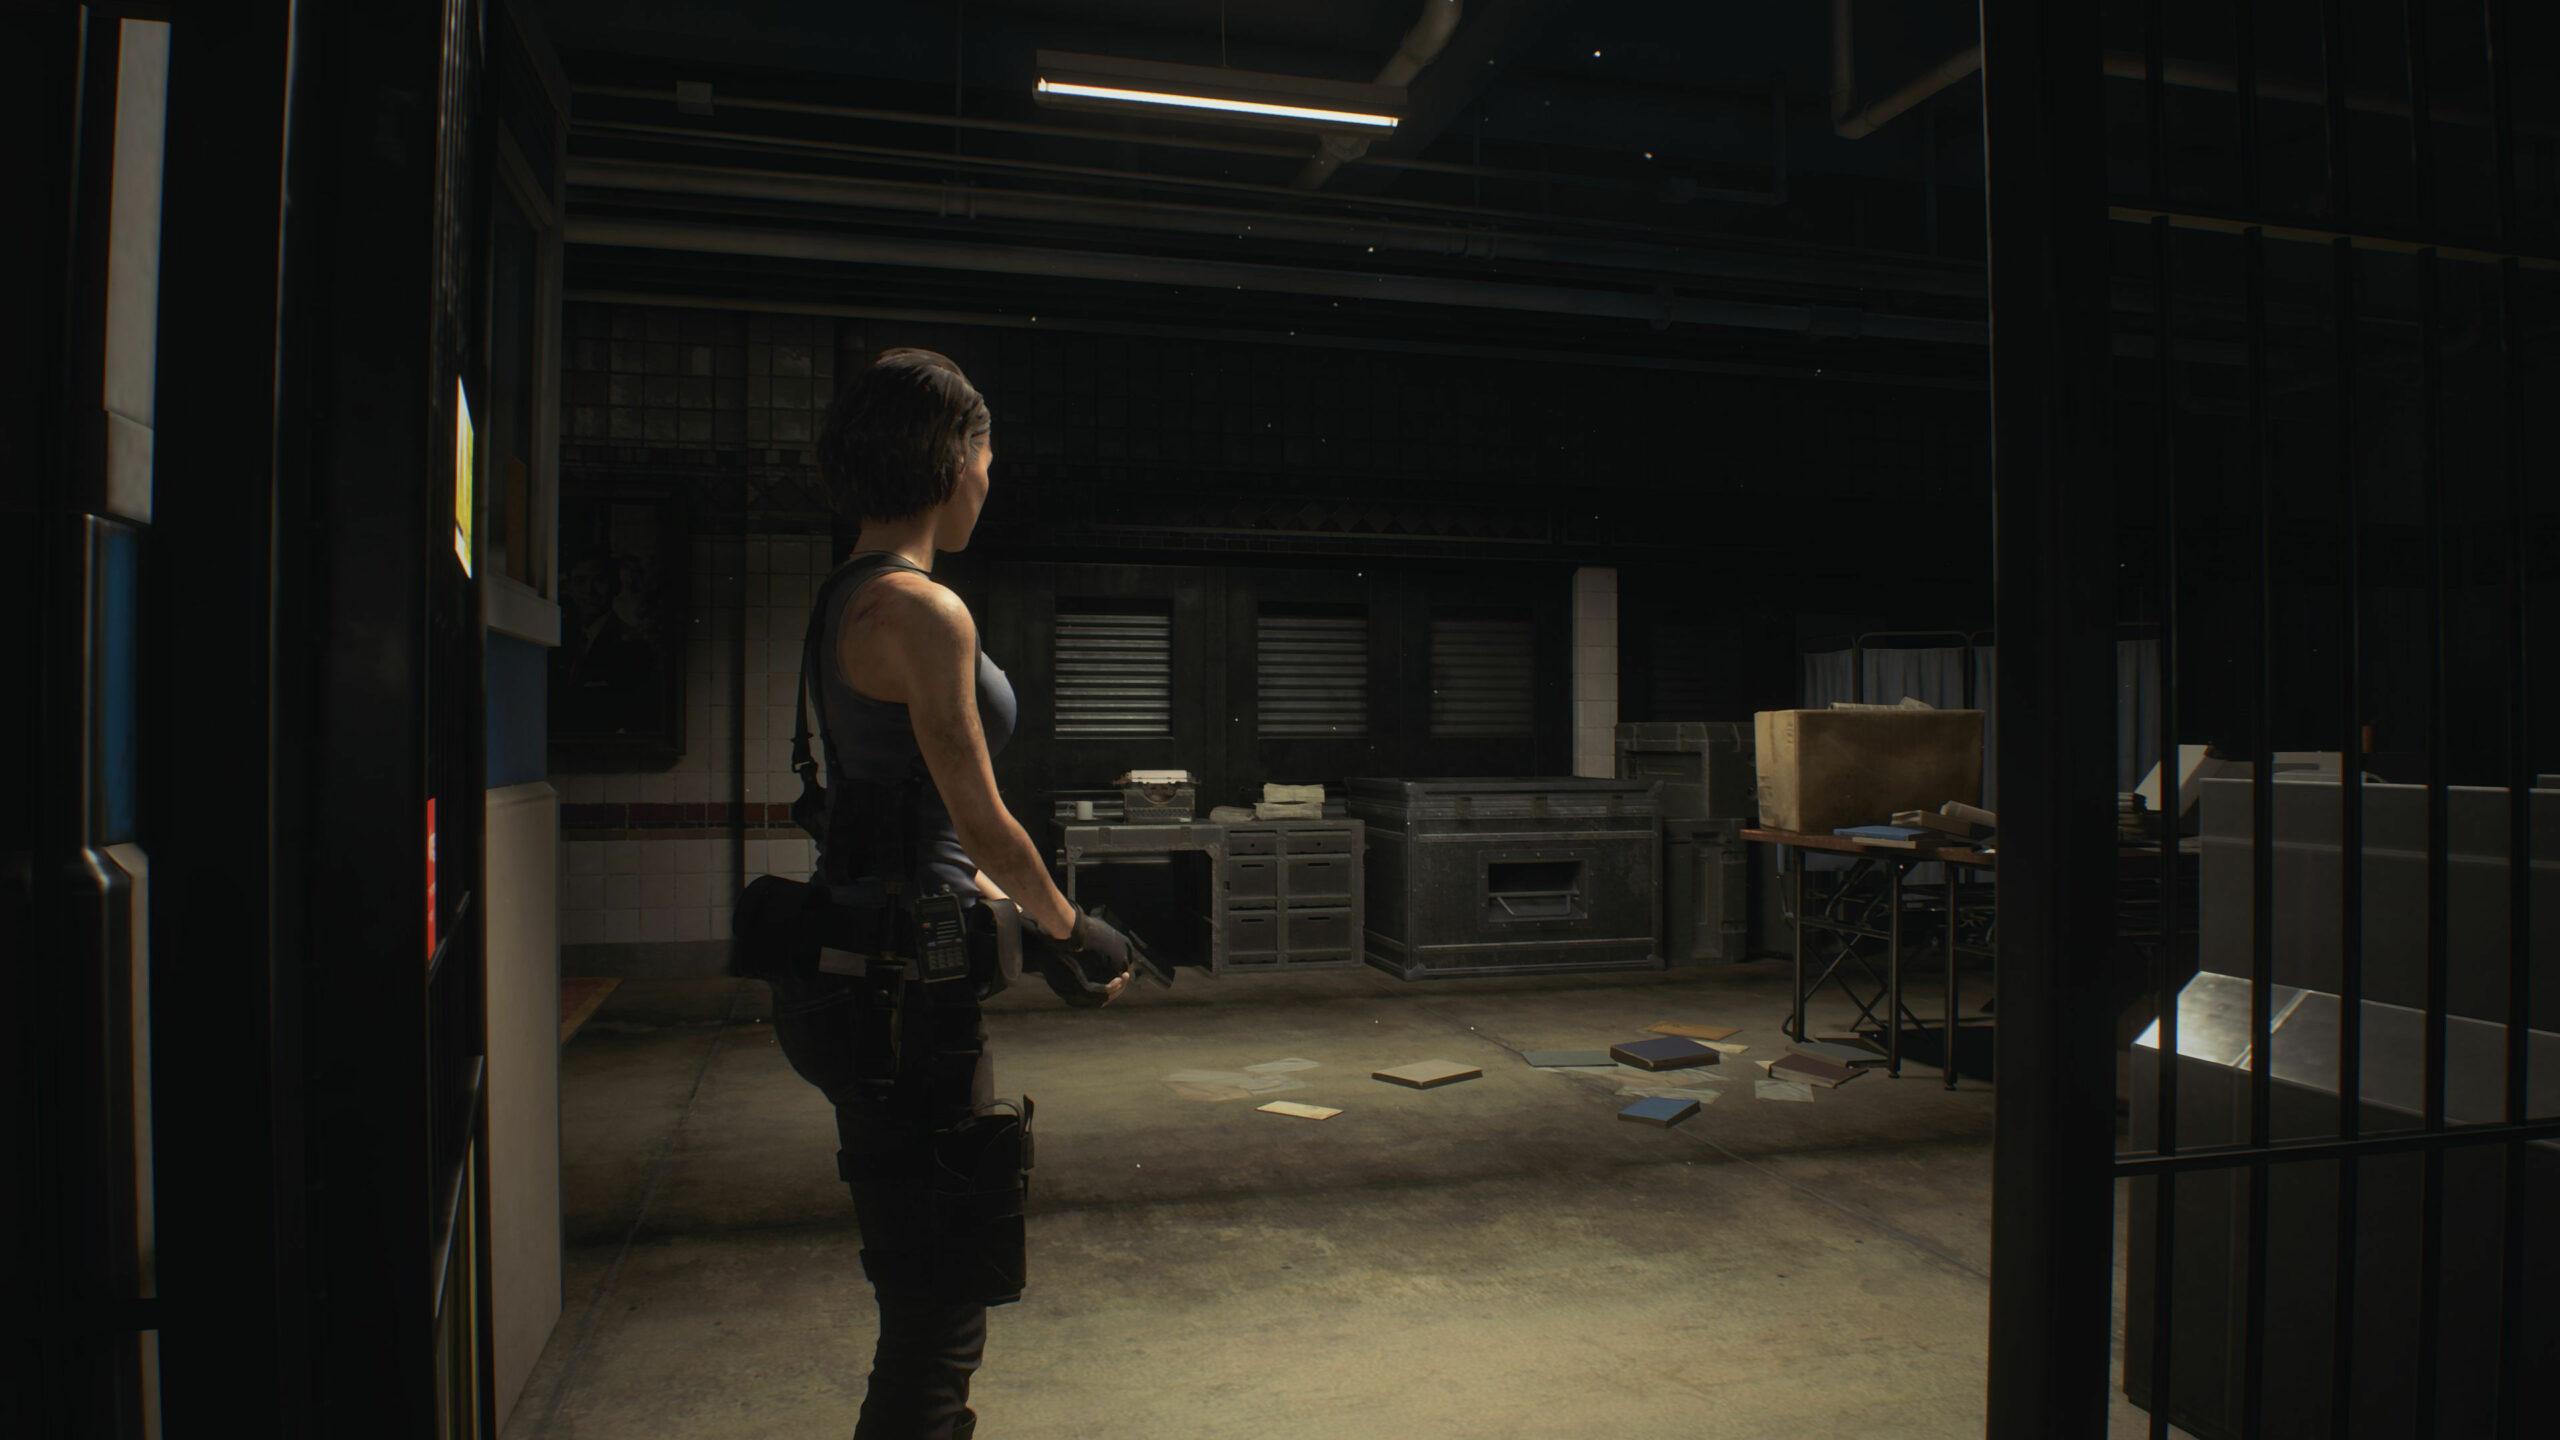 Este video compara el juego de Resident Evil 3 Remake con el original